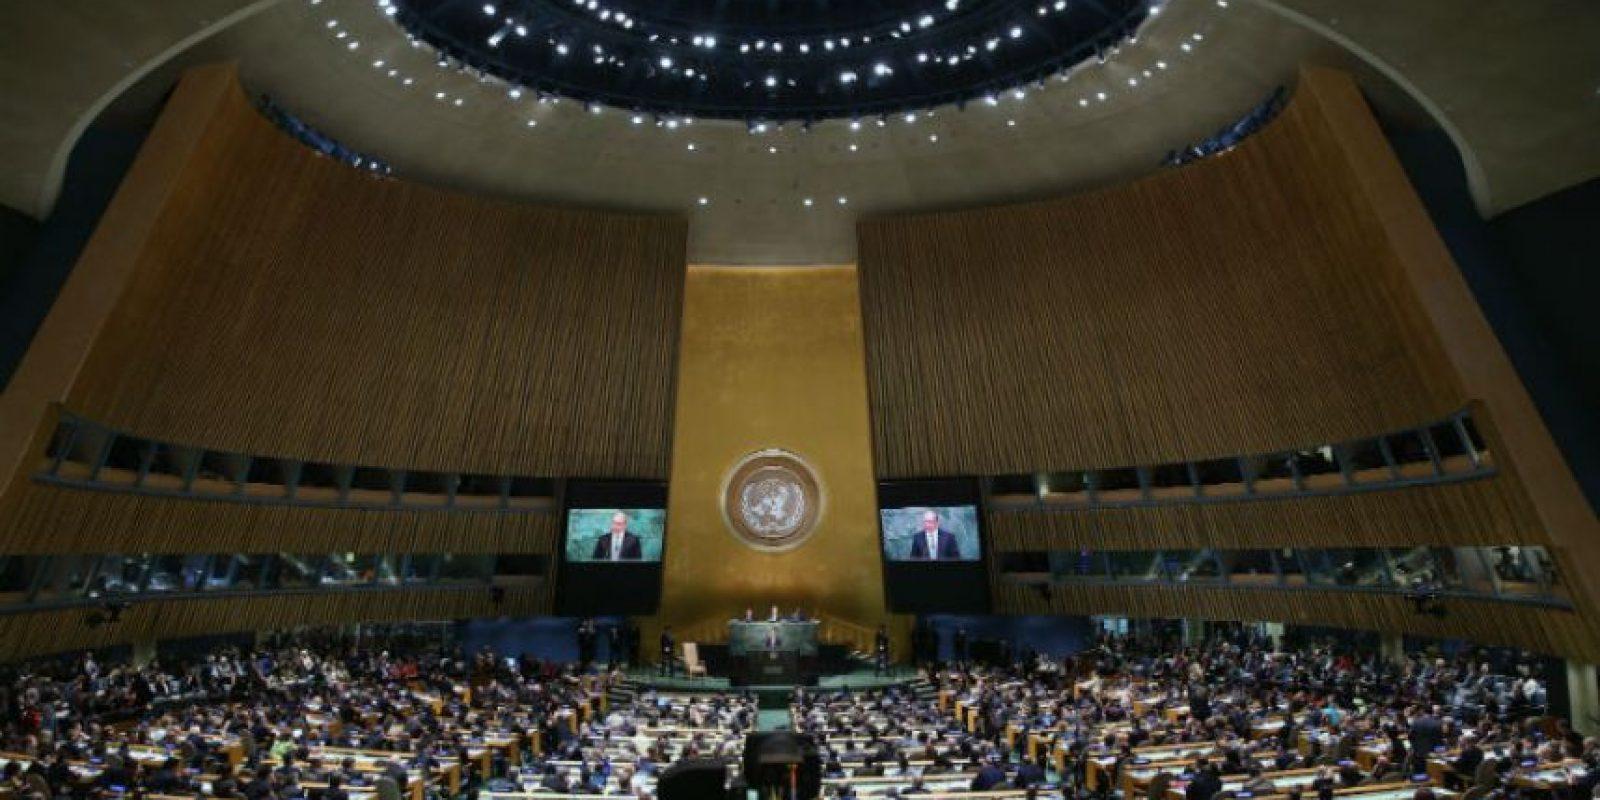 Este lunes ambos mandatarios se presentaron frente la Asamblea General de las Naciones Unidas. Foto:Getty Images